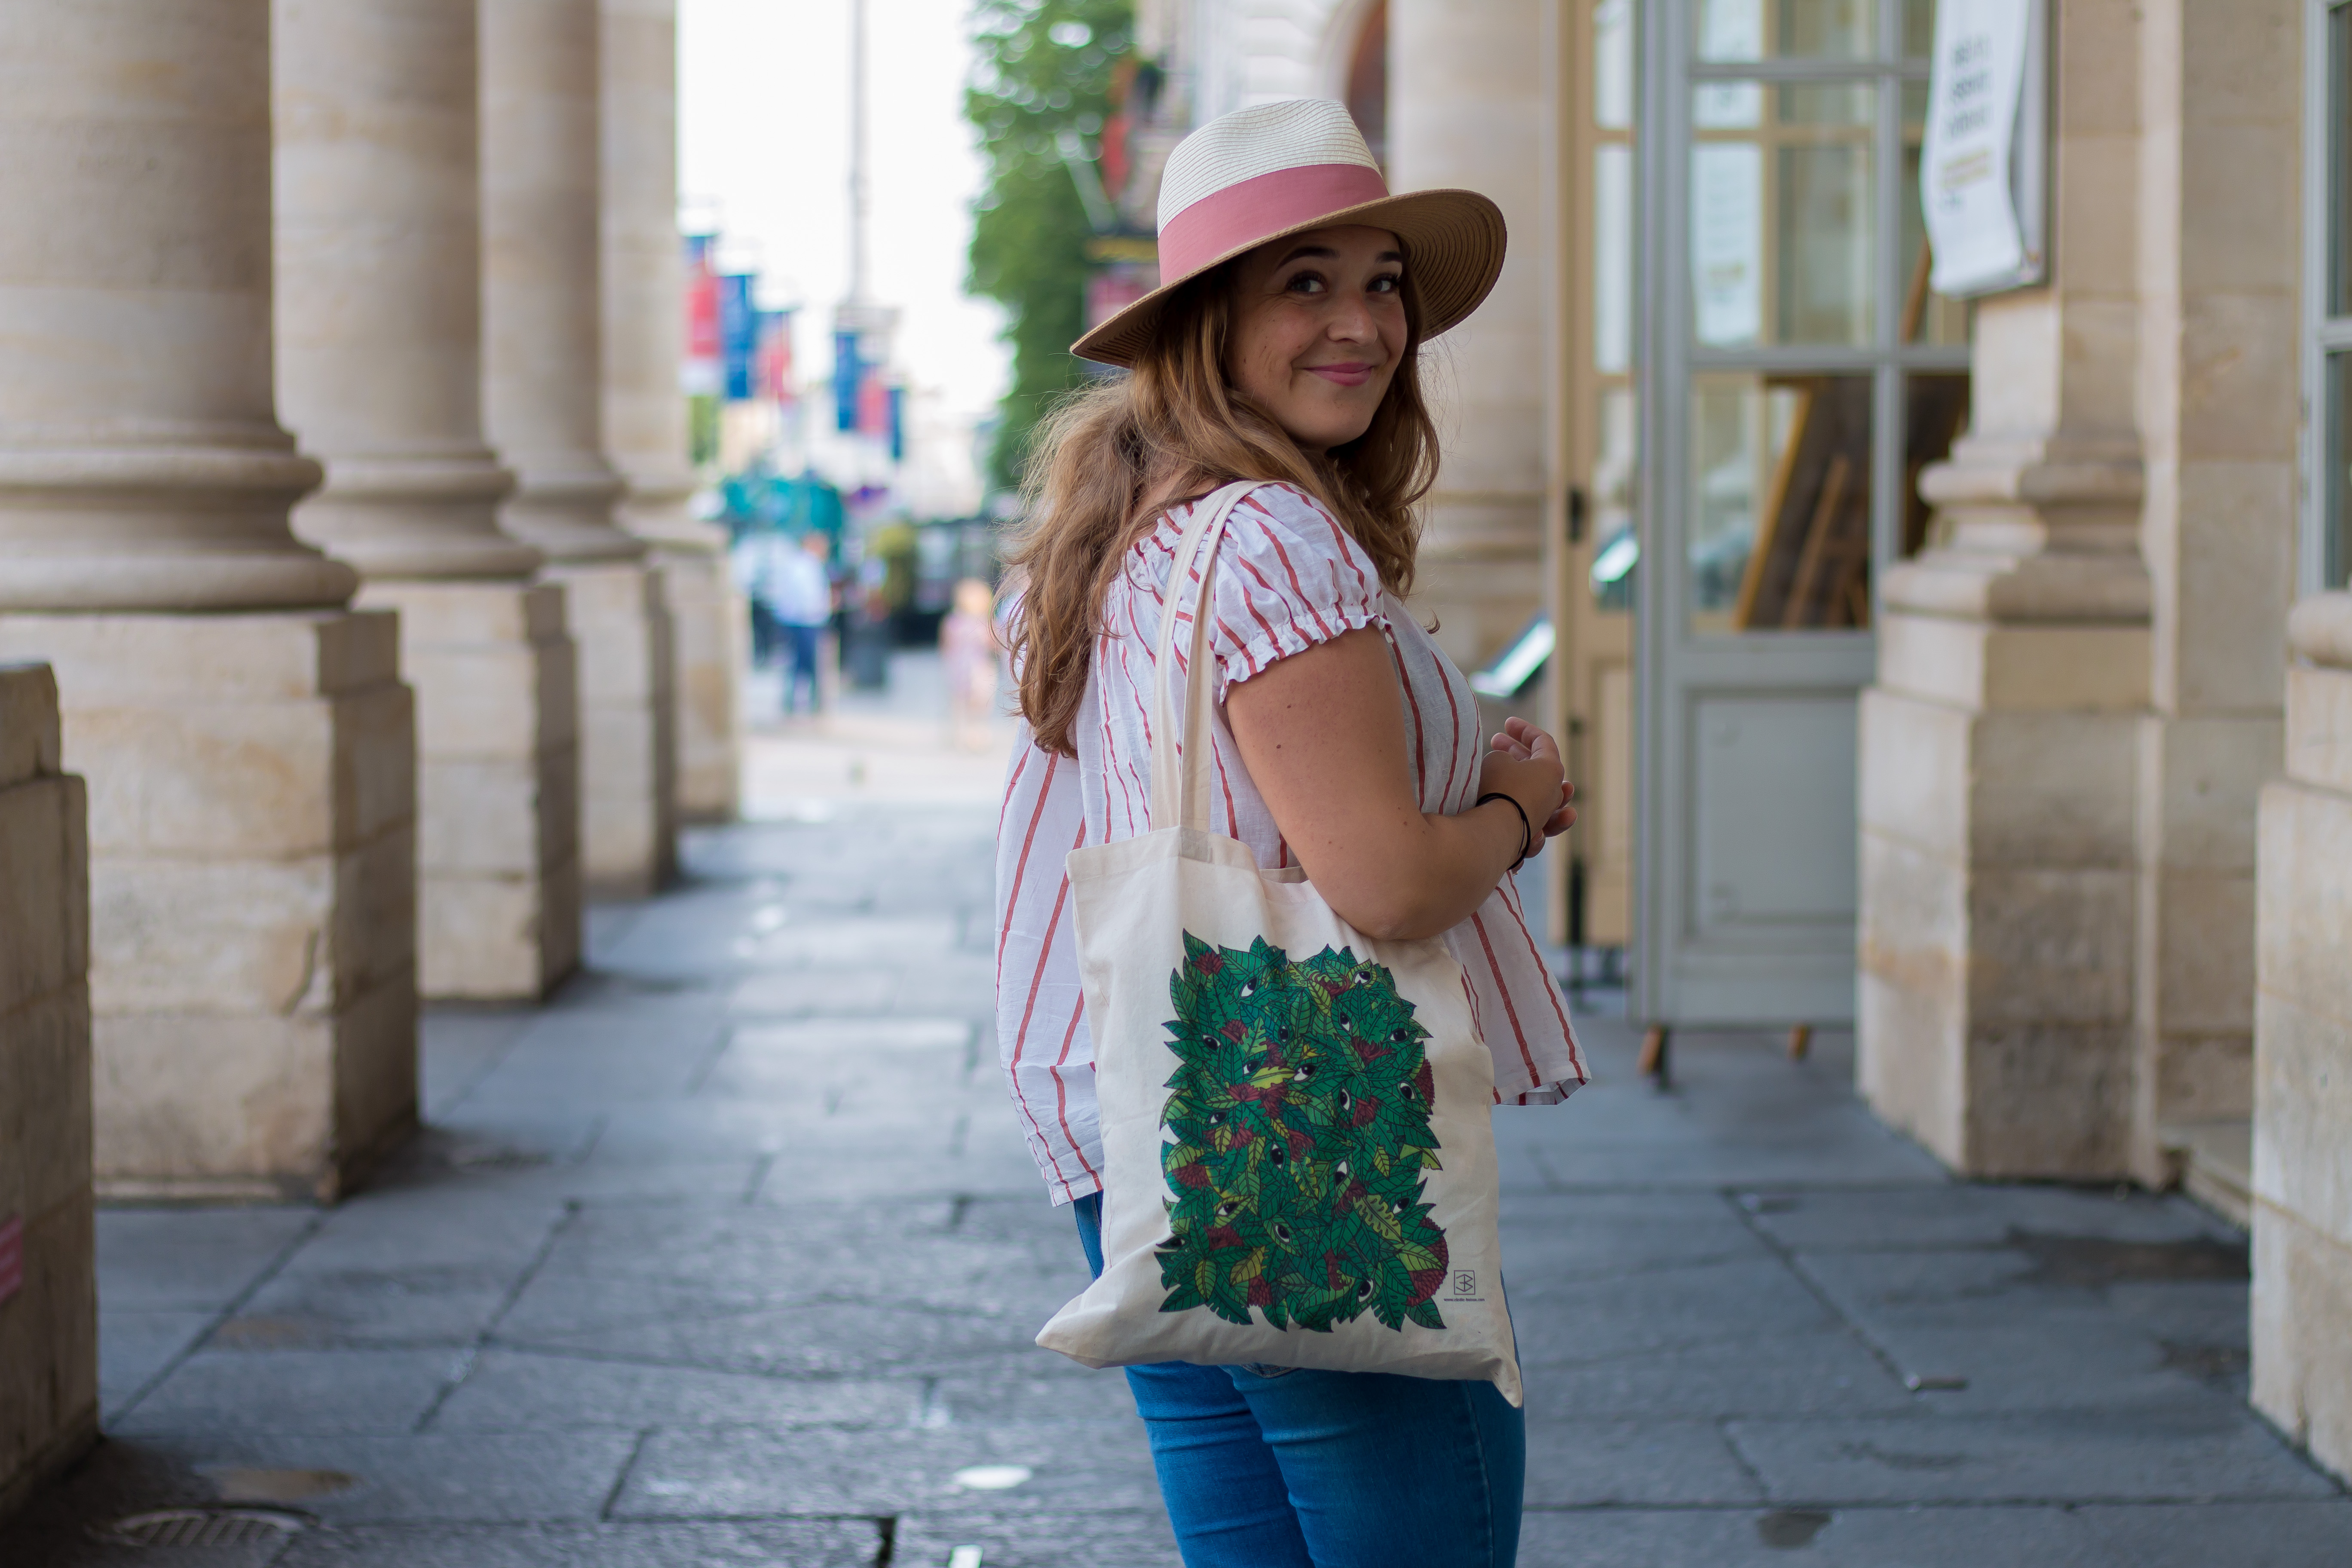 Blouse rayures et chapeau tricolore - Blog Camille In Bordeaux